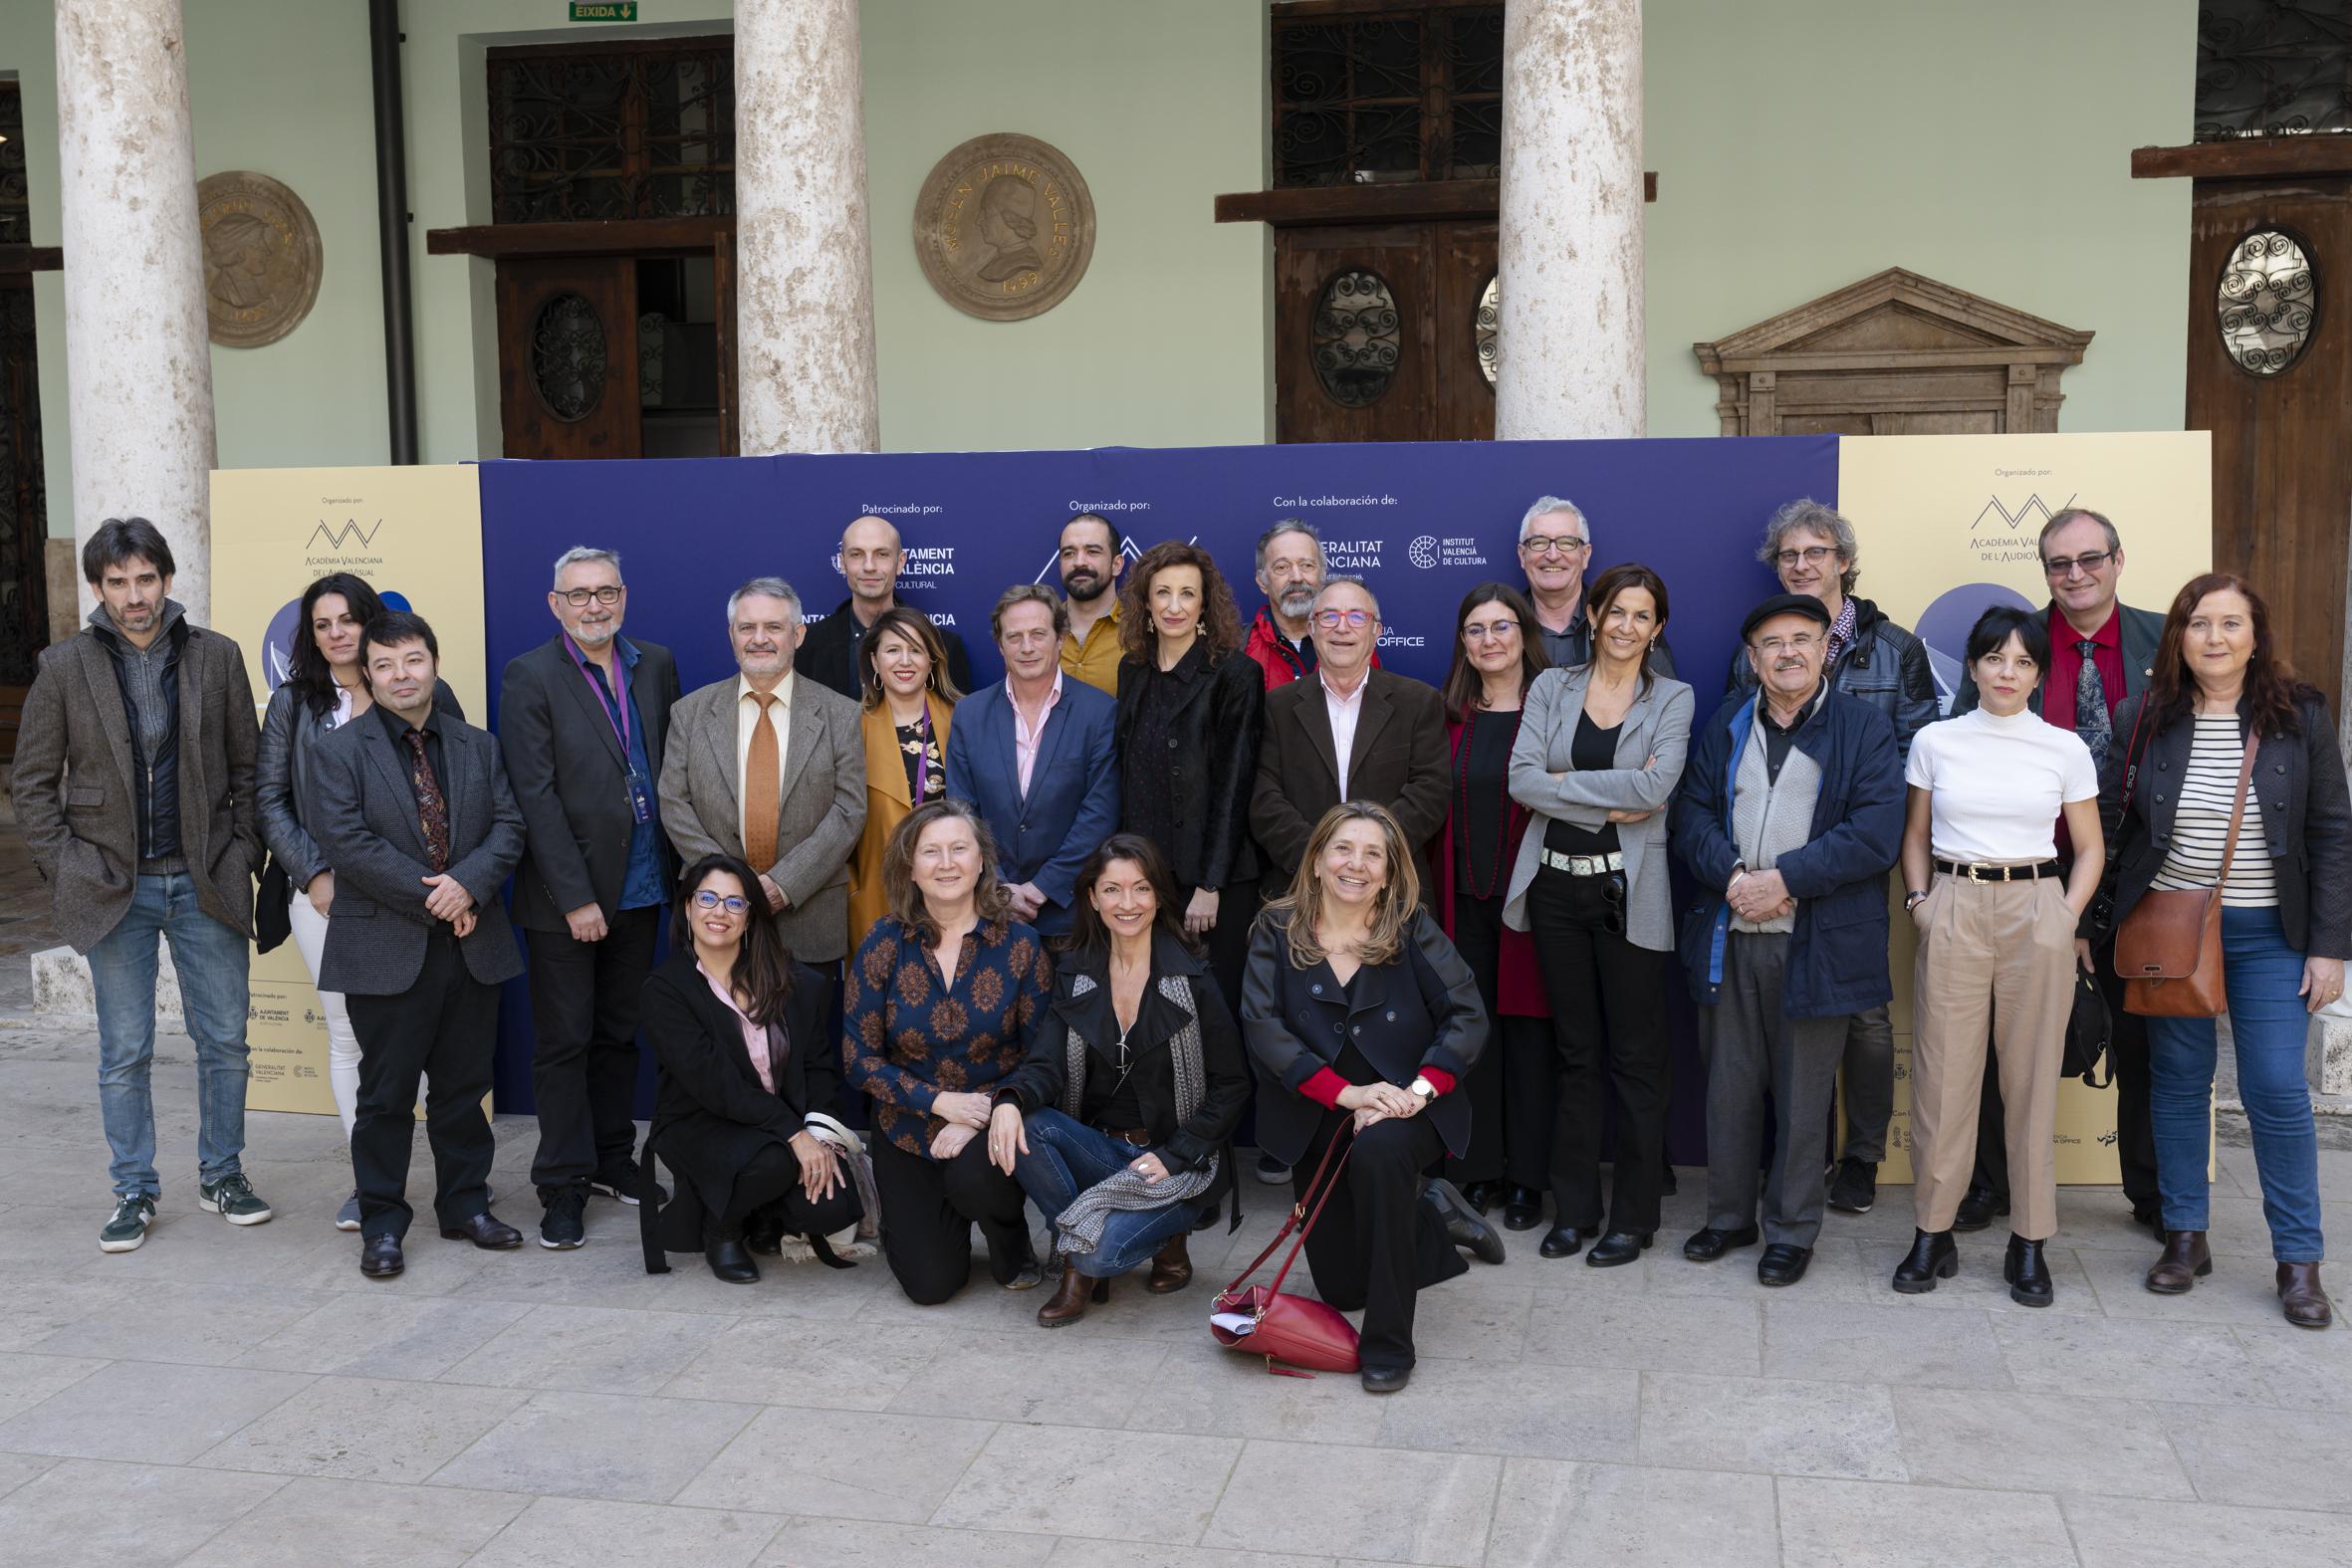 Foto III Encuentro Academias de cine Valencia 2020_Foto Tato Baeza